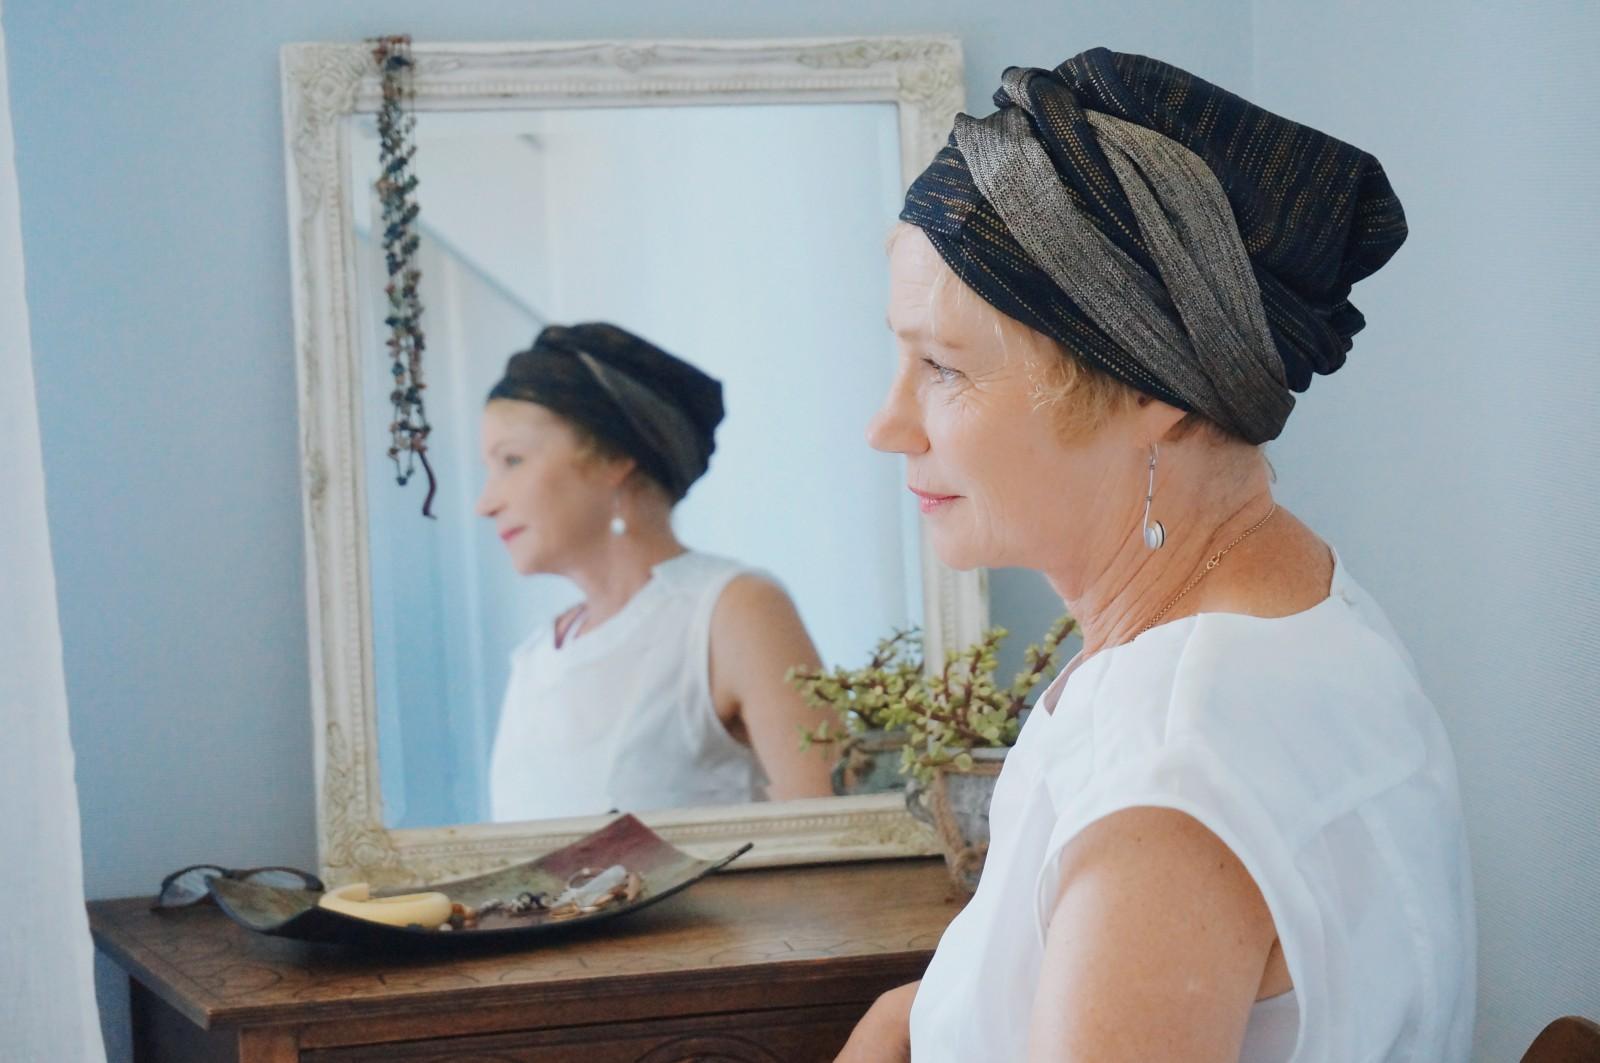 bandeau repousse cancer, bandeau cancer, bandeau chimio, alopécie, turban, tuto bandeau cancer, tutoriel bandeau chimio, témoignage alopécie, témoignage perte de cheveux